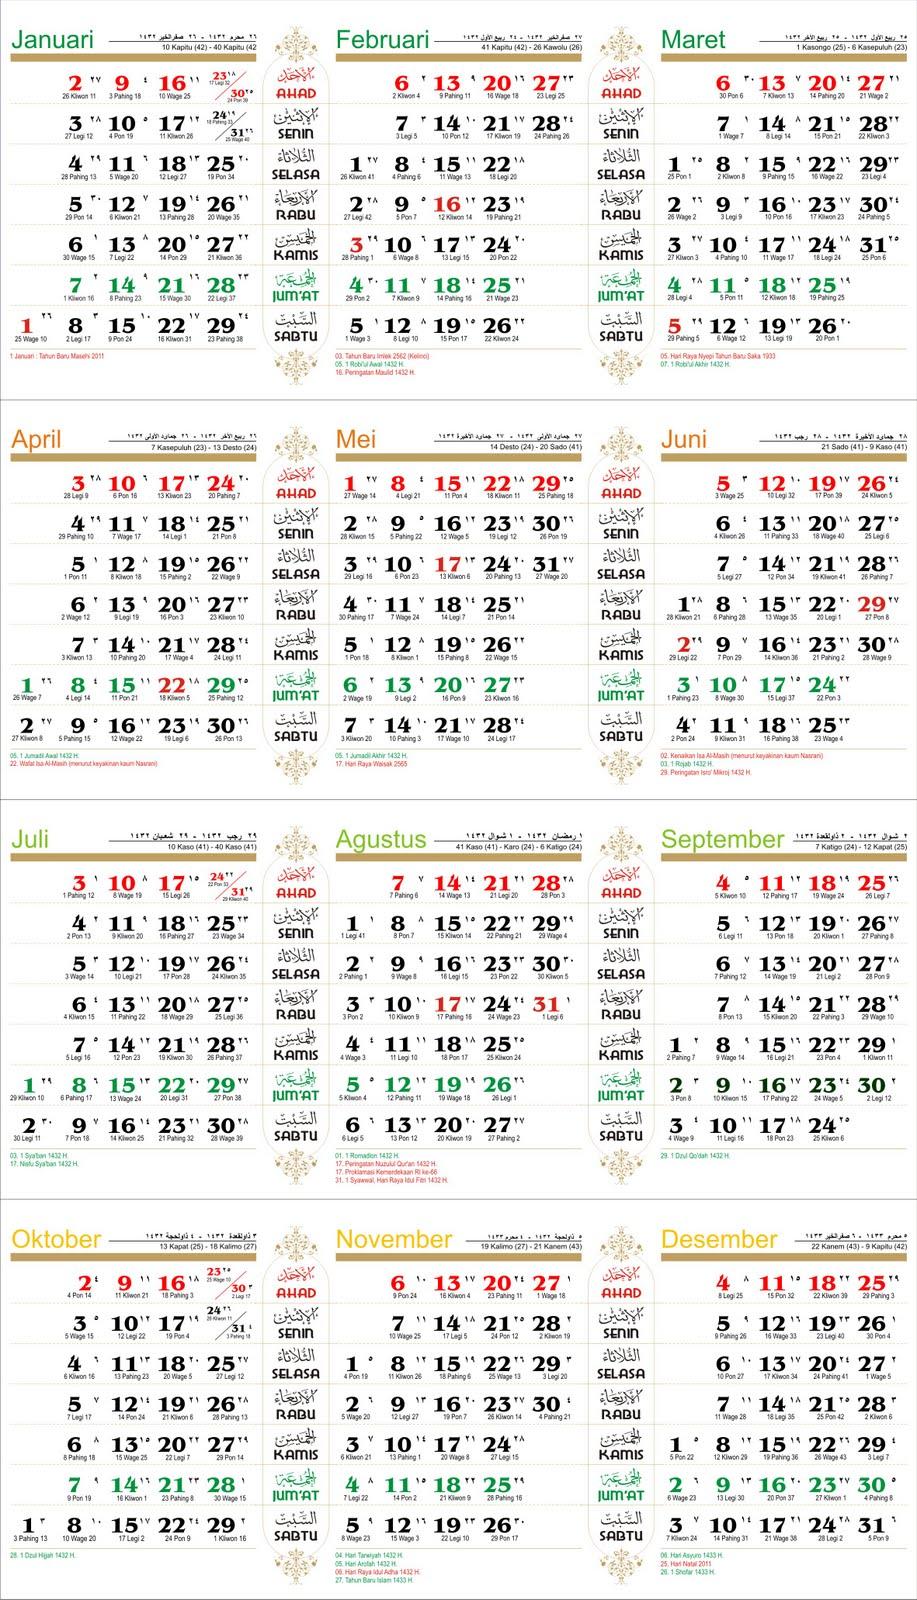 Tamplate Kalender 2011 Lengkap - sketsavaganza